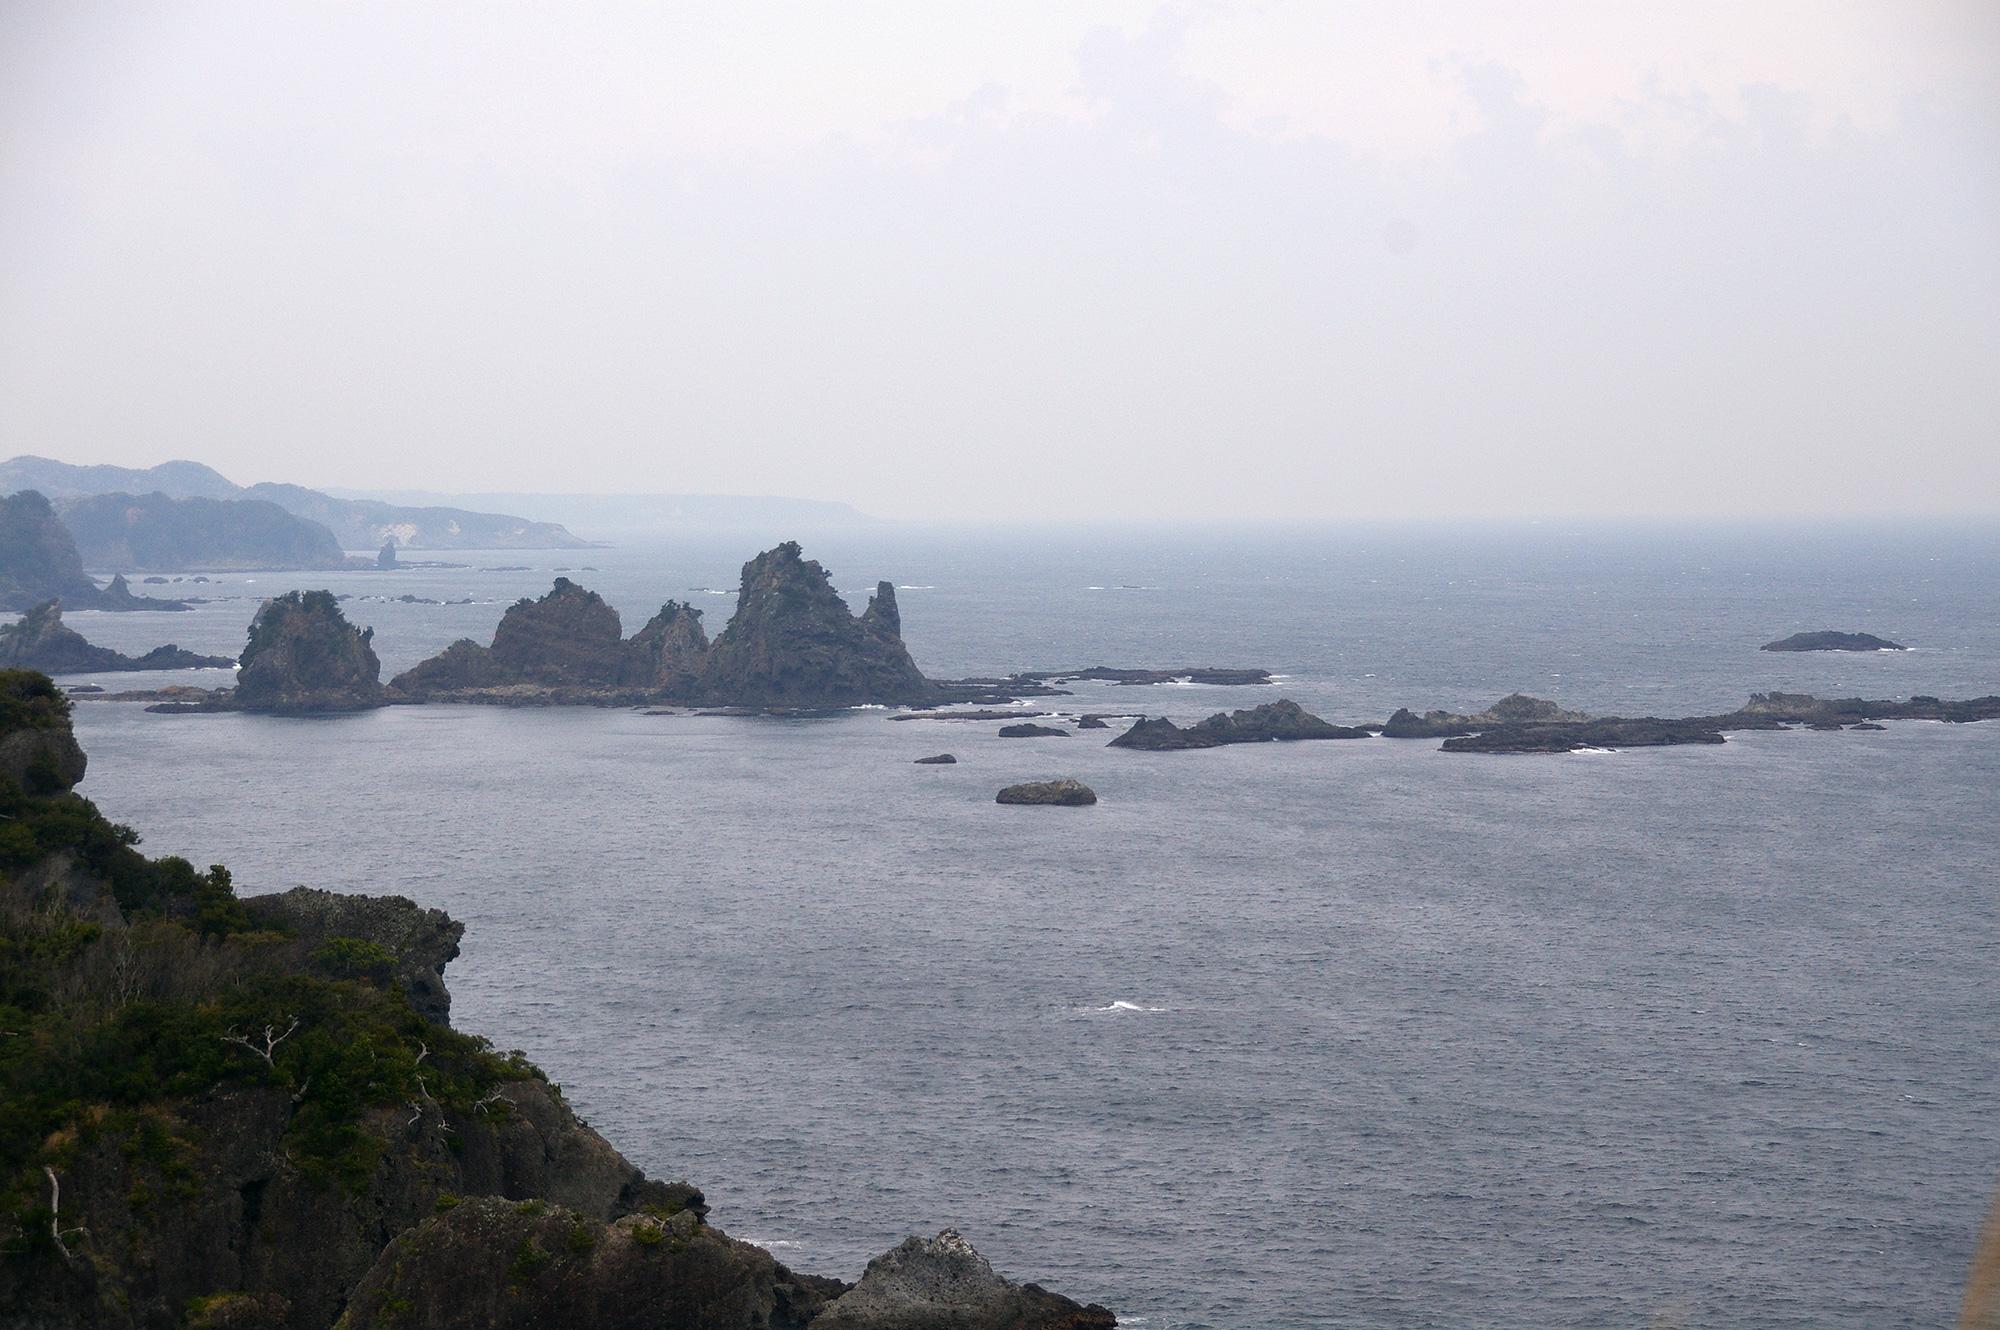 海に浮かぶ岩の写真の無料素材